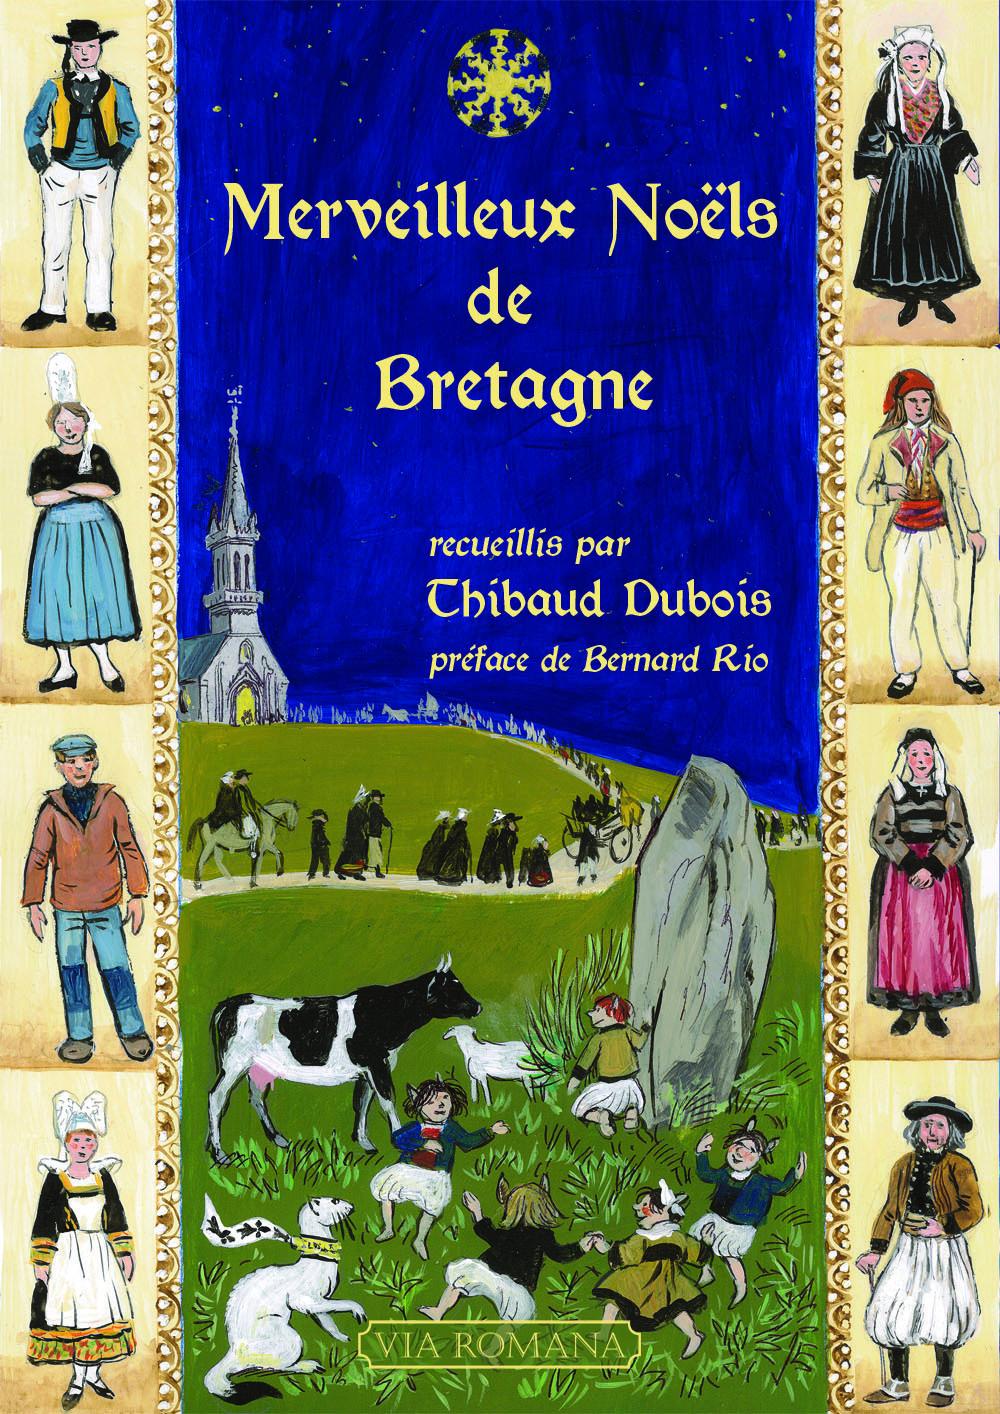 MERVEILLEUX NOELS DE BRETAGNE